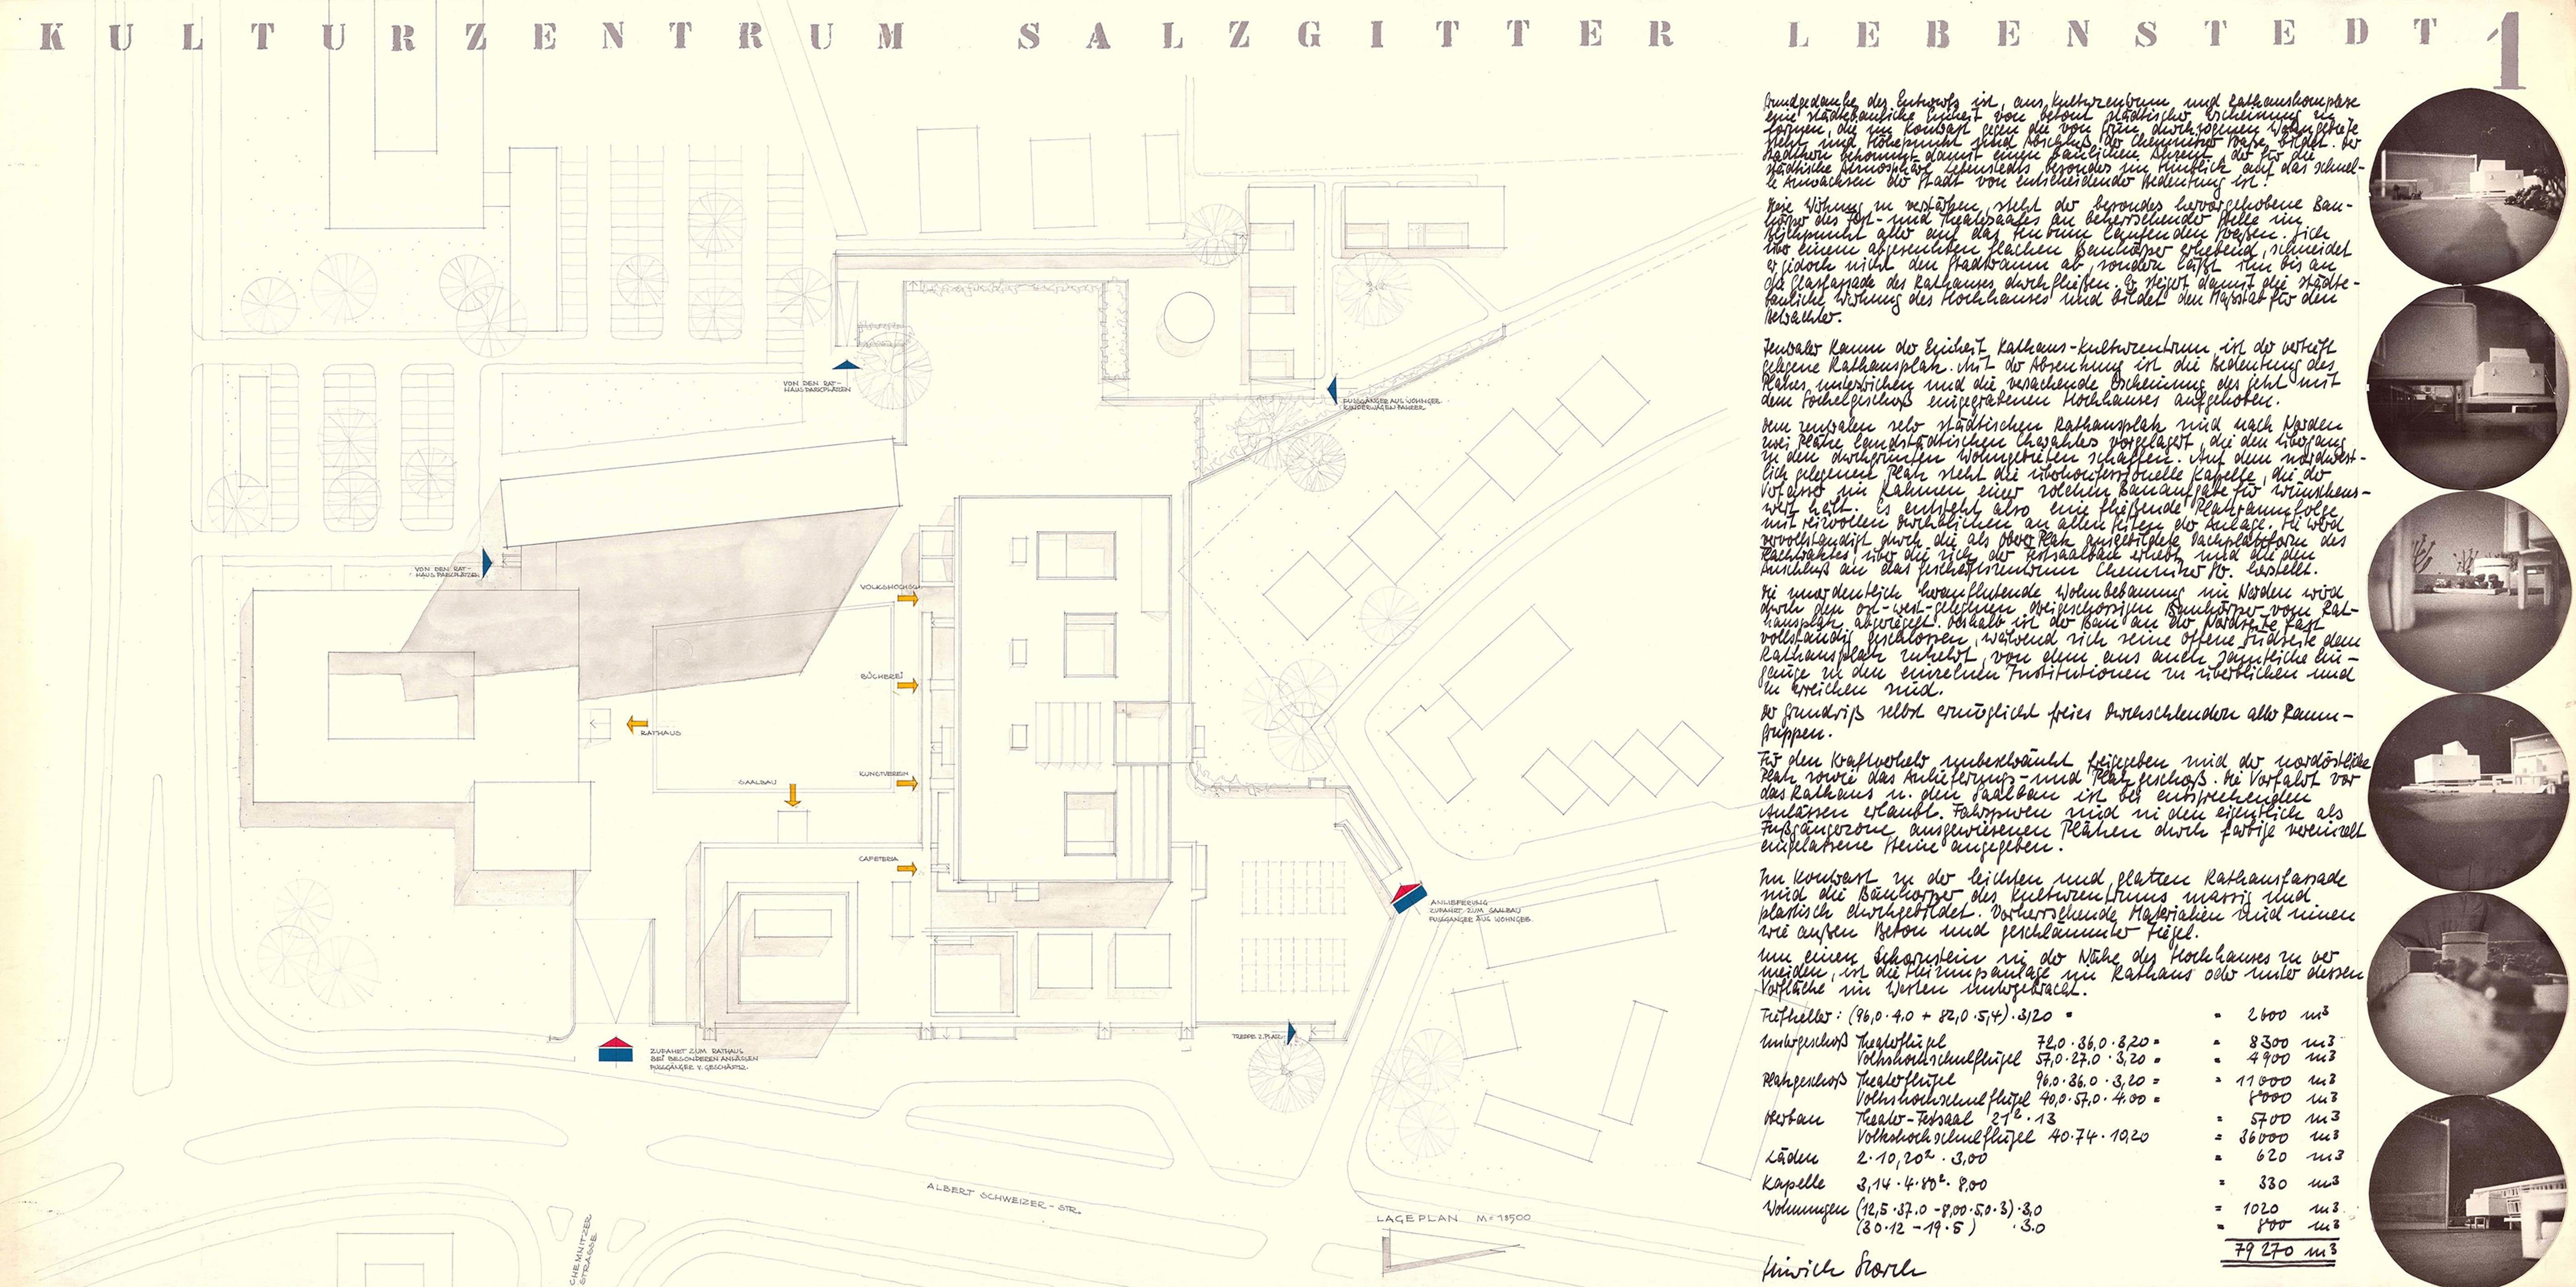 SAIB G123 78 Diplomarbeit Hinrich Storch 1x